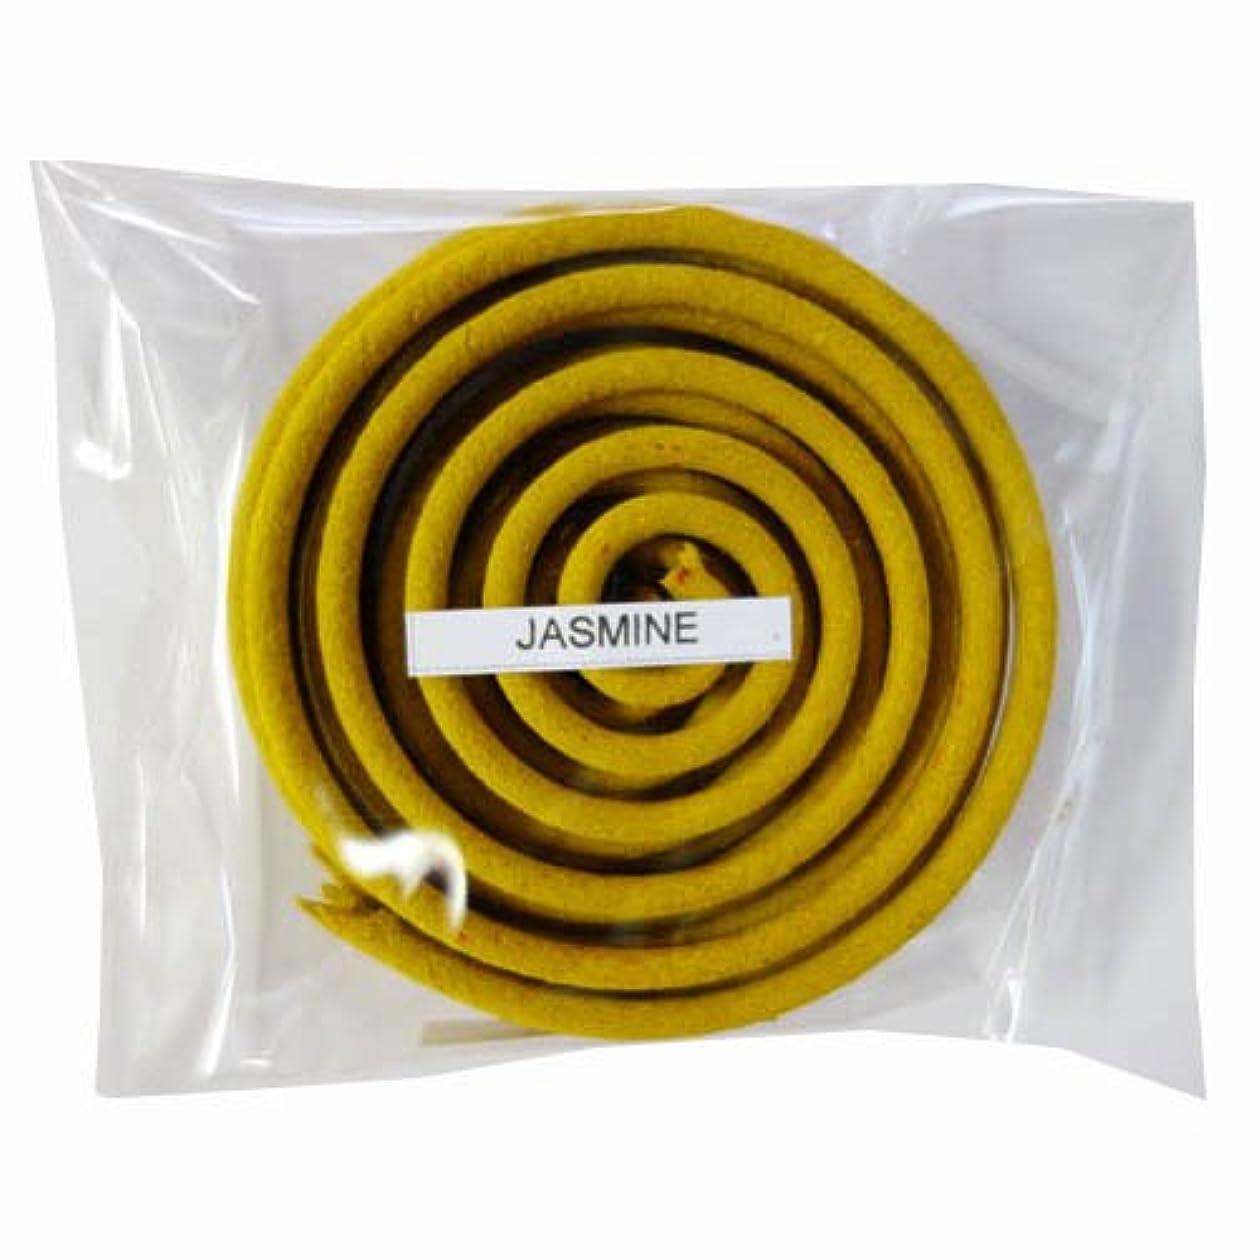 必要とするトランジスタデザイナーお香/うずまき香 JASMINE ジャスミン 直径6.5cm×5巻セット [並行輸入品]